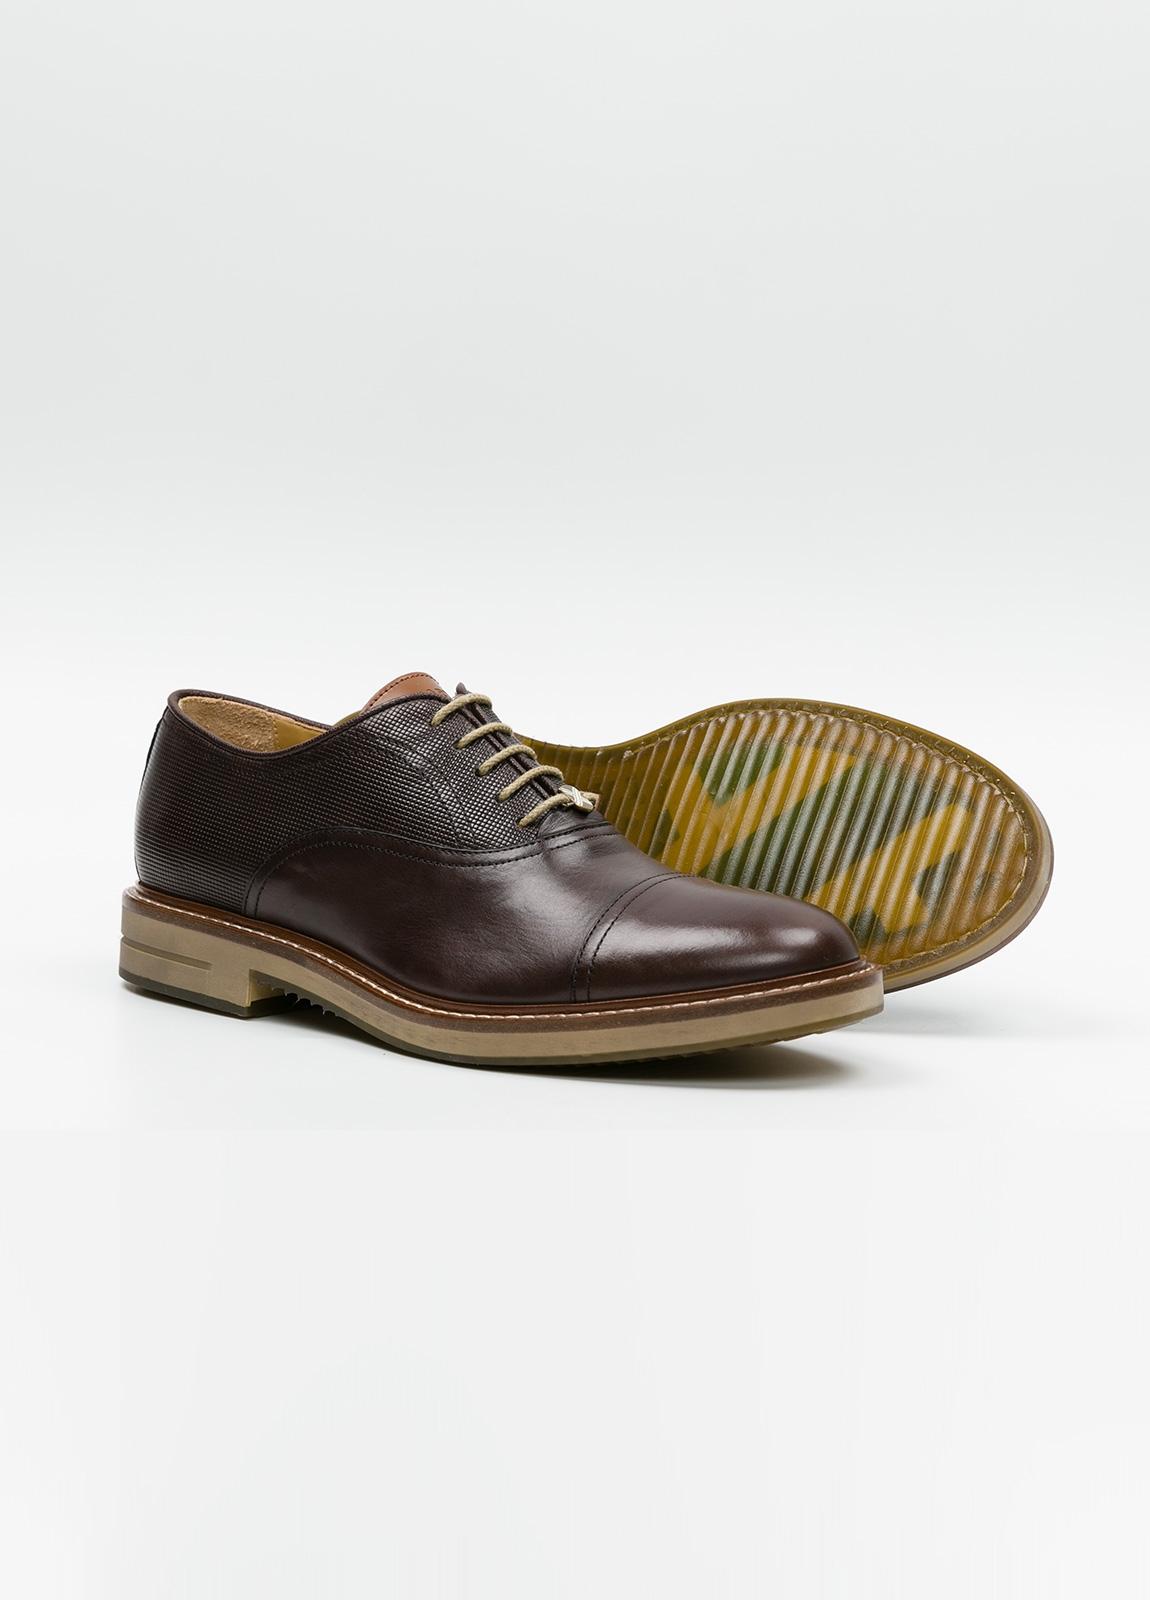 Zapato Formal Wear con cordones color marrón combinación de piel lisa y grabada. 100% Piel. - Ítem3